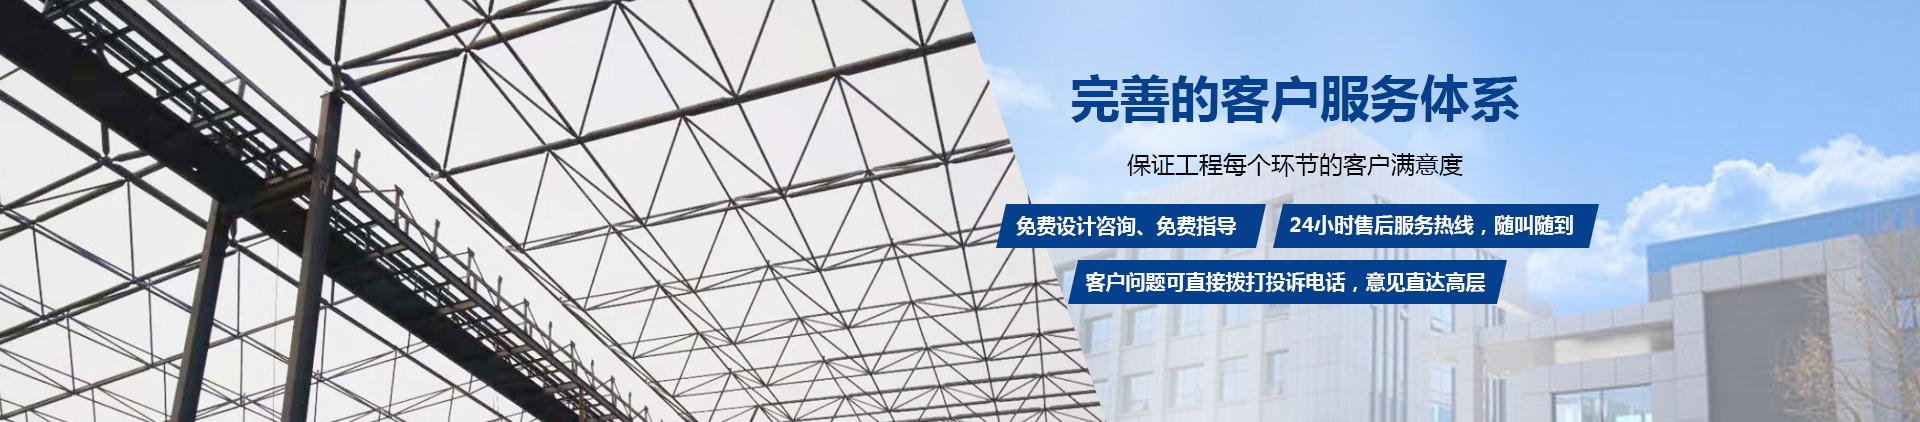 http://en.yuanlangongcheng.com/data/upload/202006/20200603112921_764.jpg